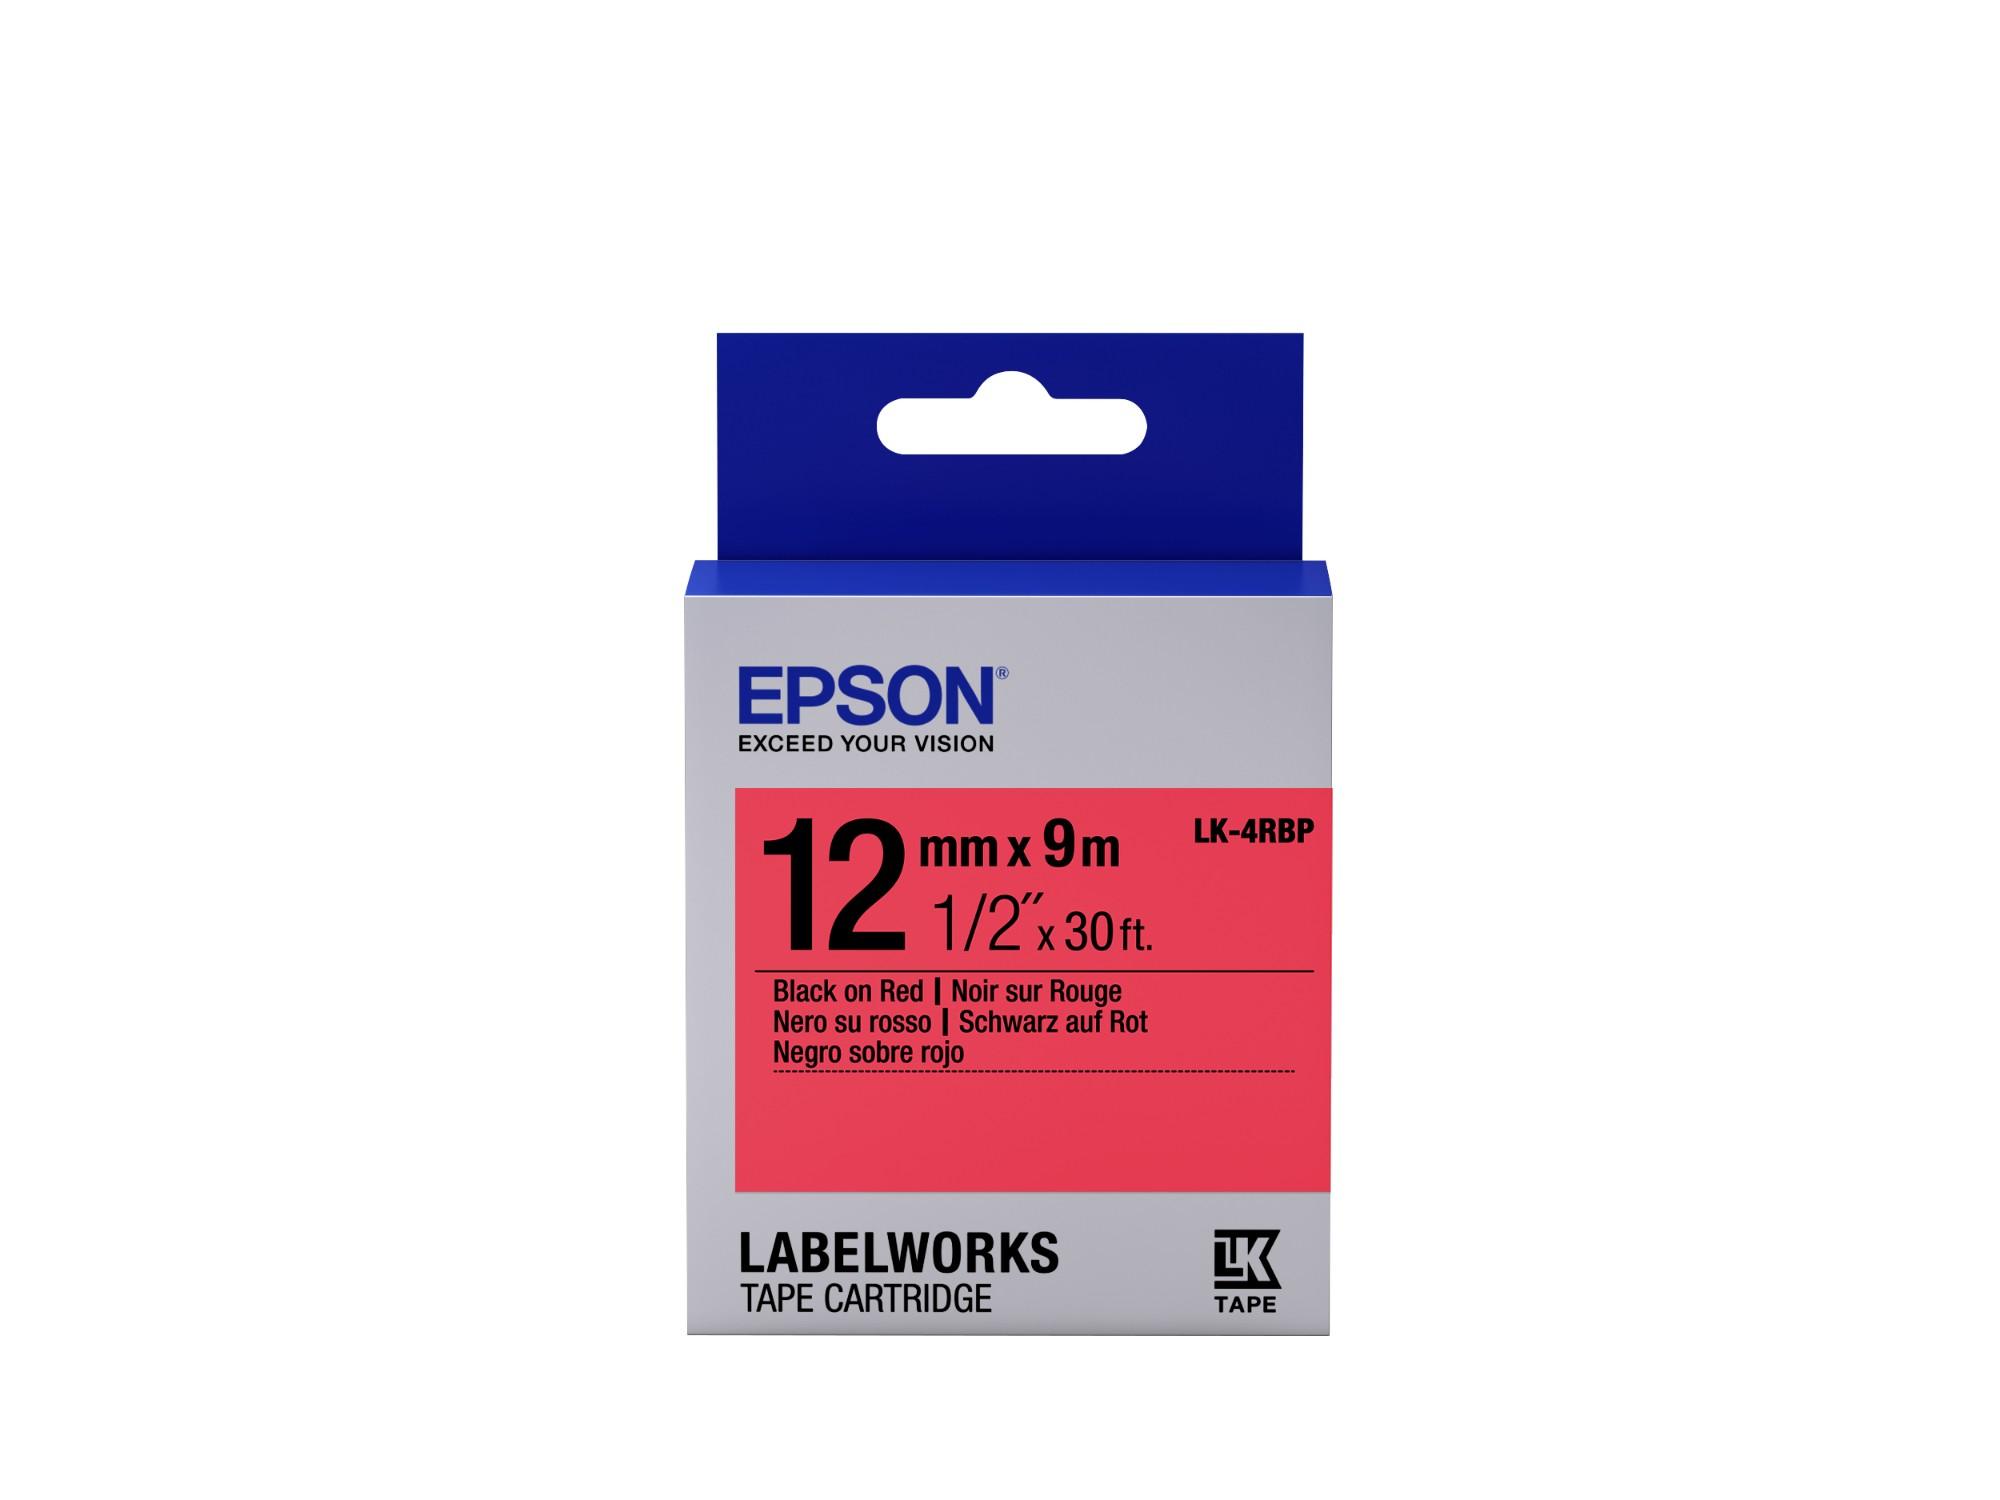 Epson Cinta color pastel - LK-4RBP negro/rojo pastel 12/9